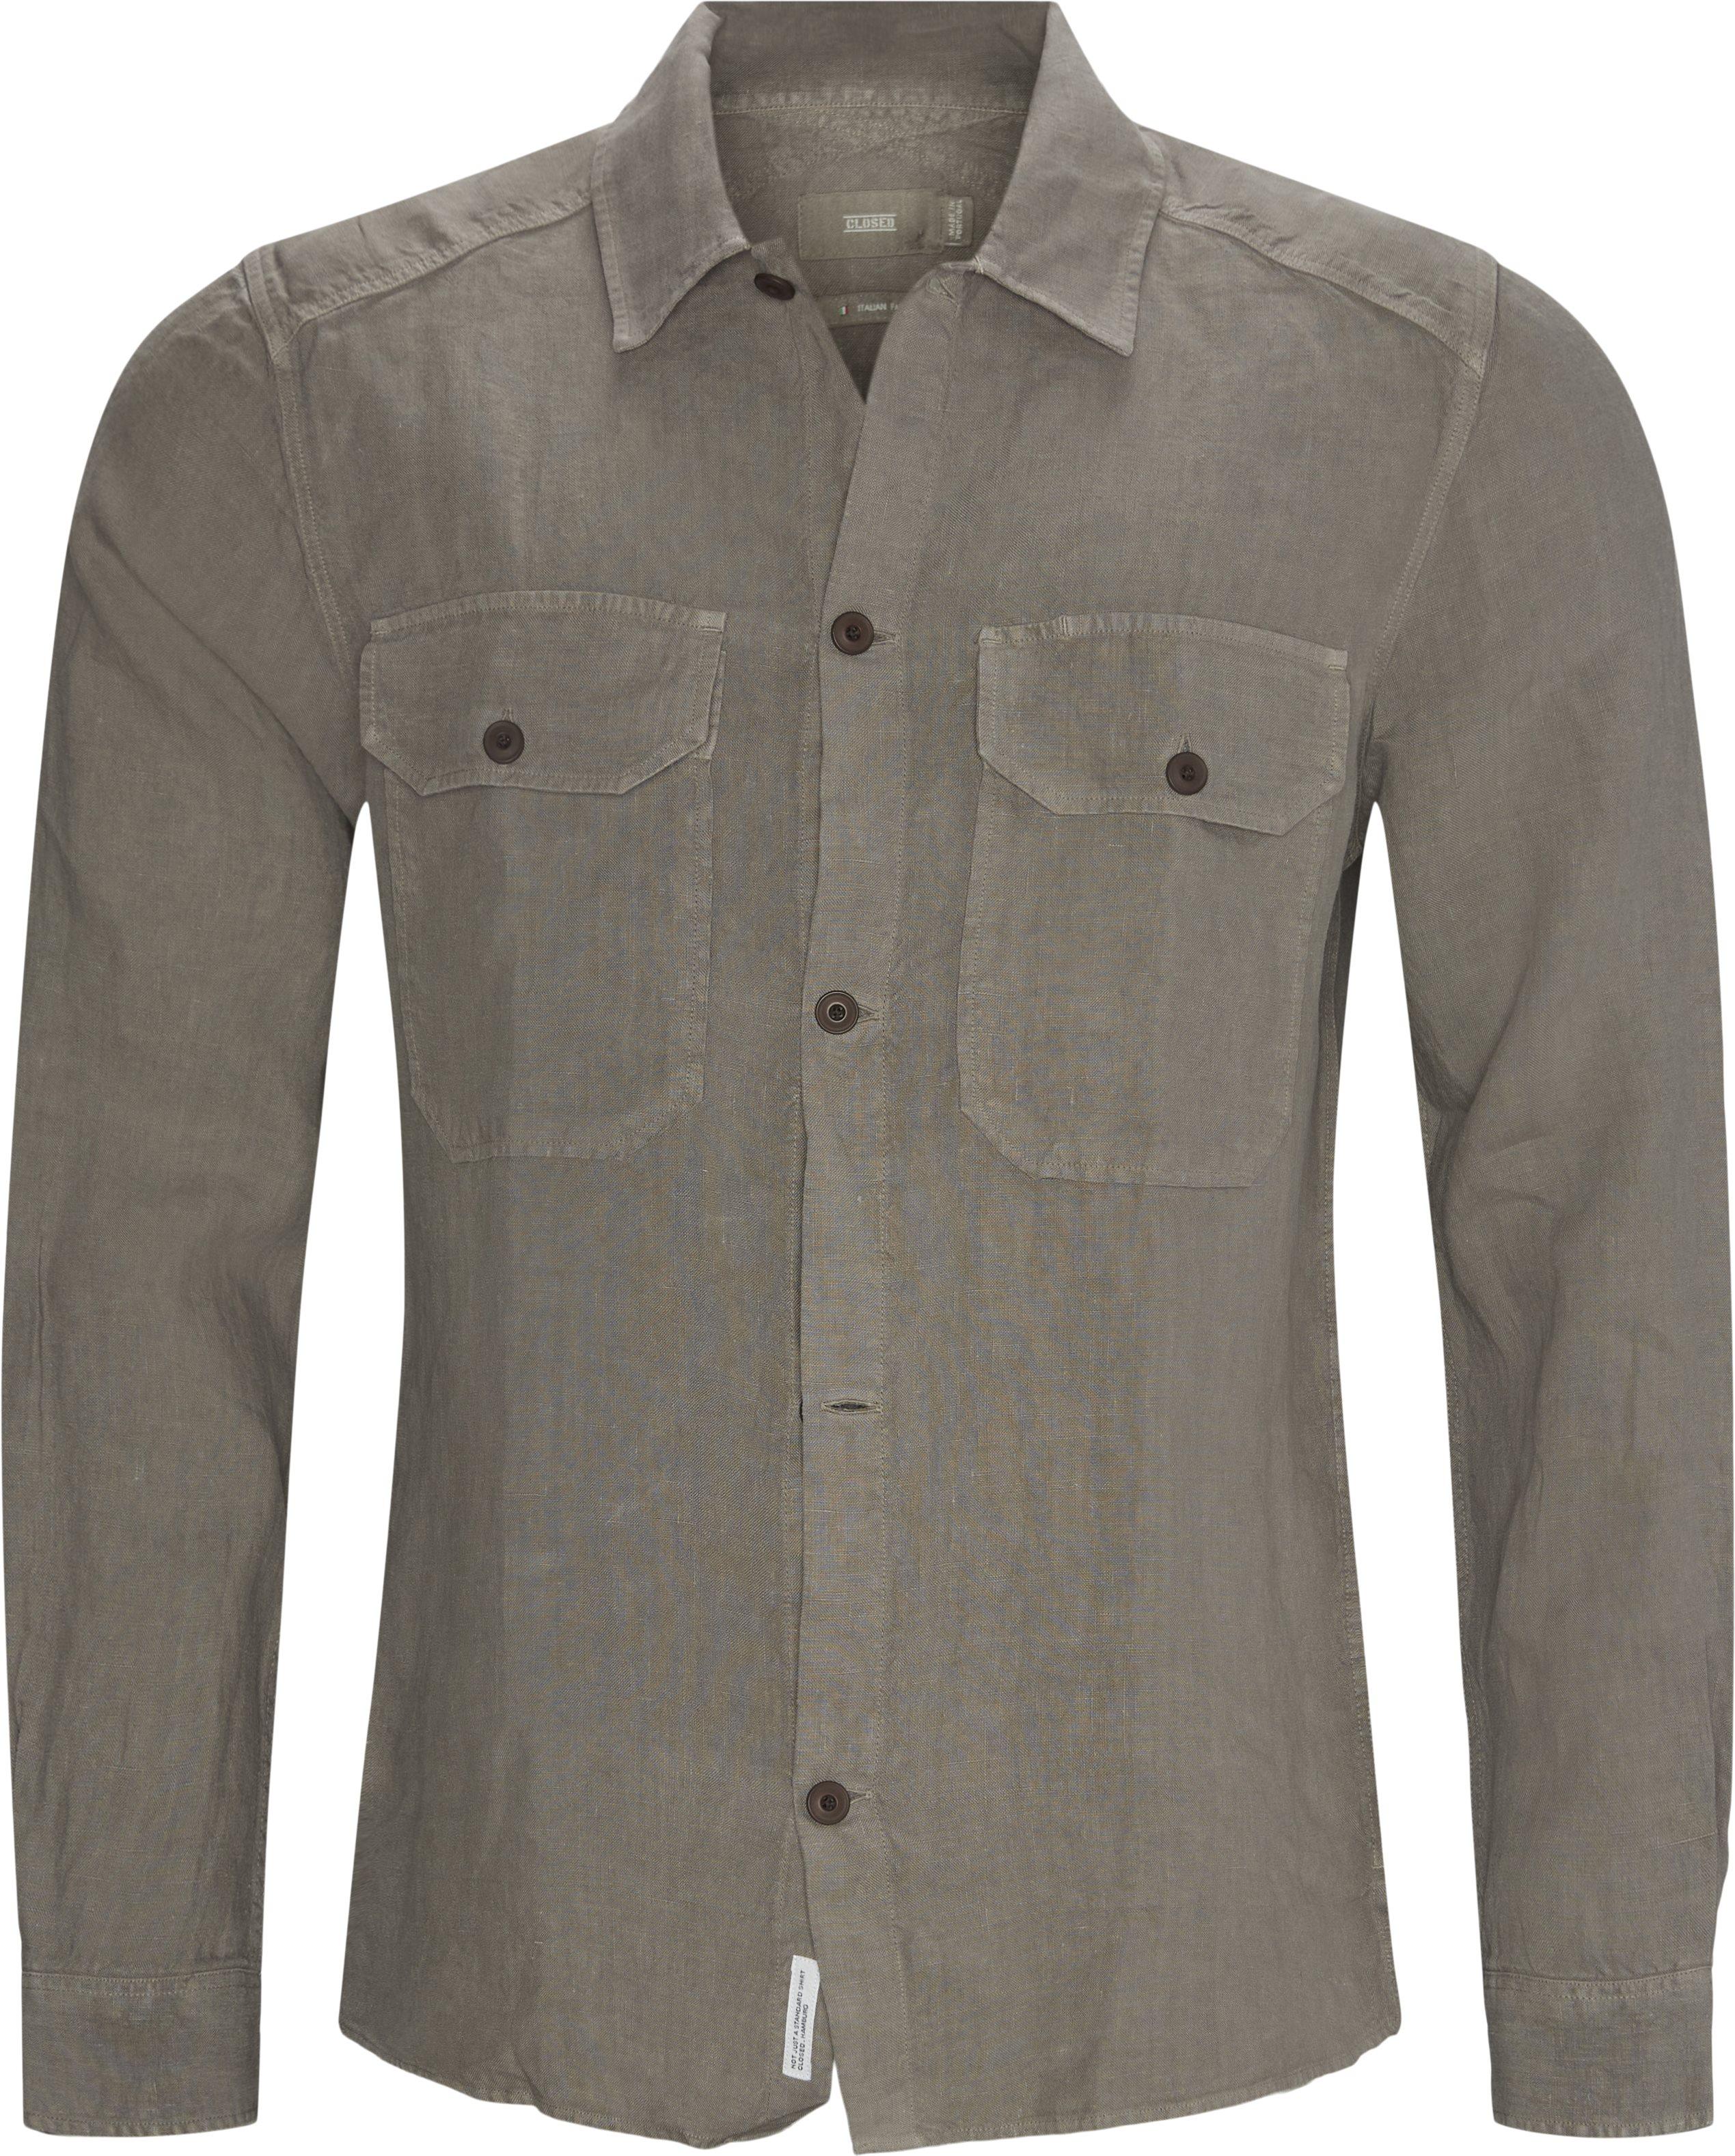 Overshirt  - Skjorter - Regular fit - Grå